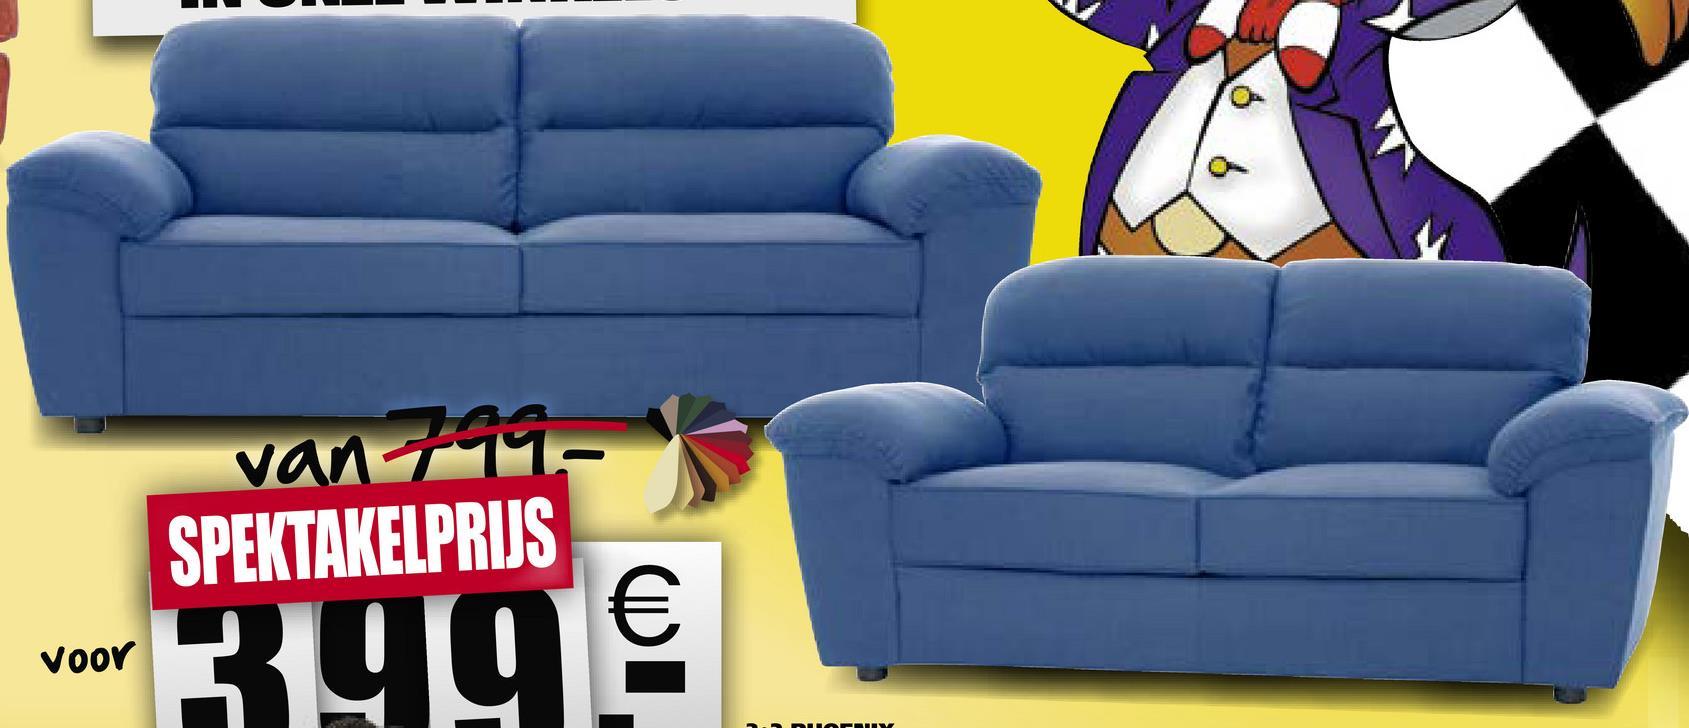 vant 11- SPEKTAKELPRIJS voor 3 99€ voor